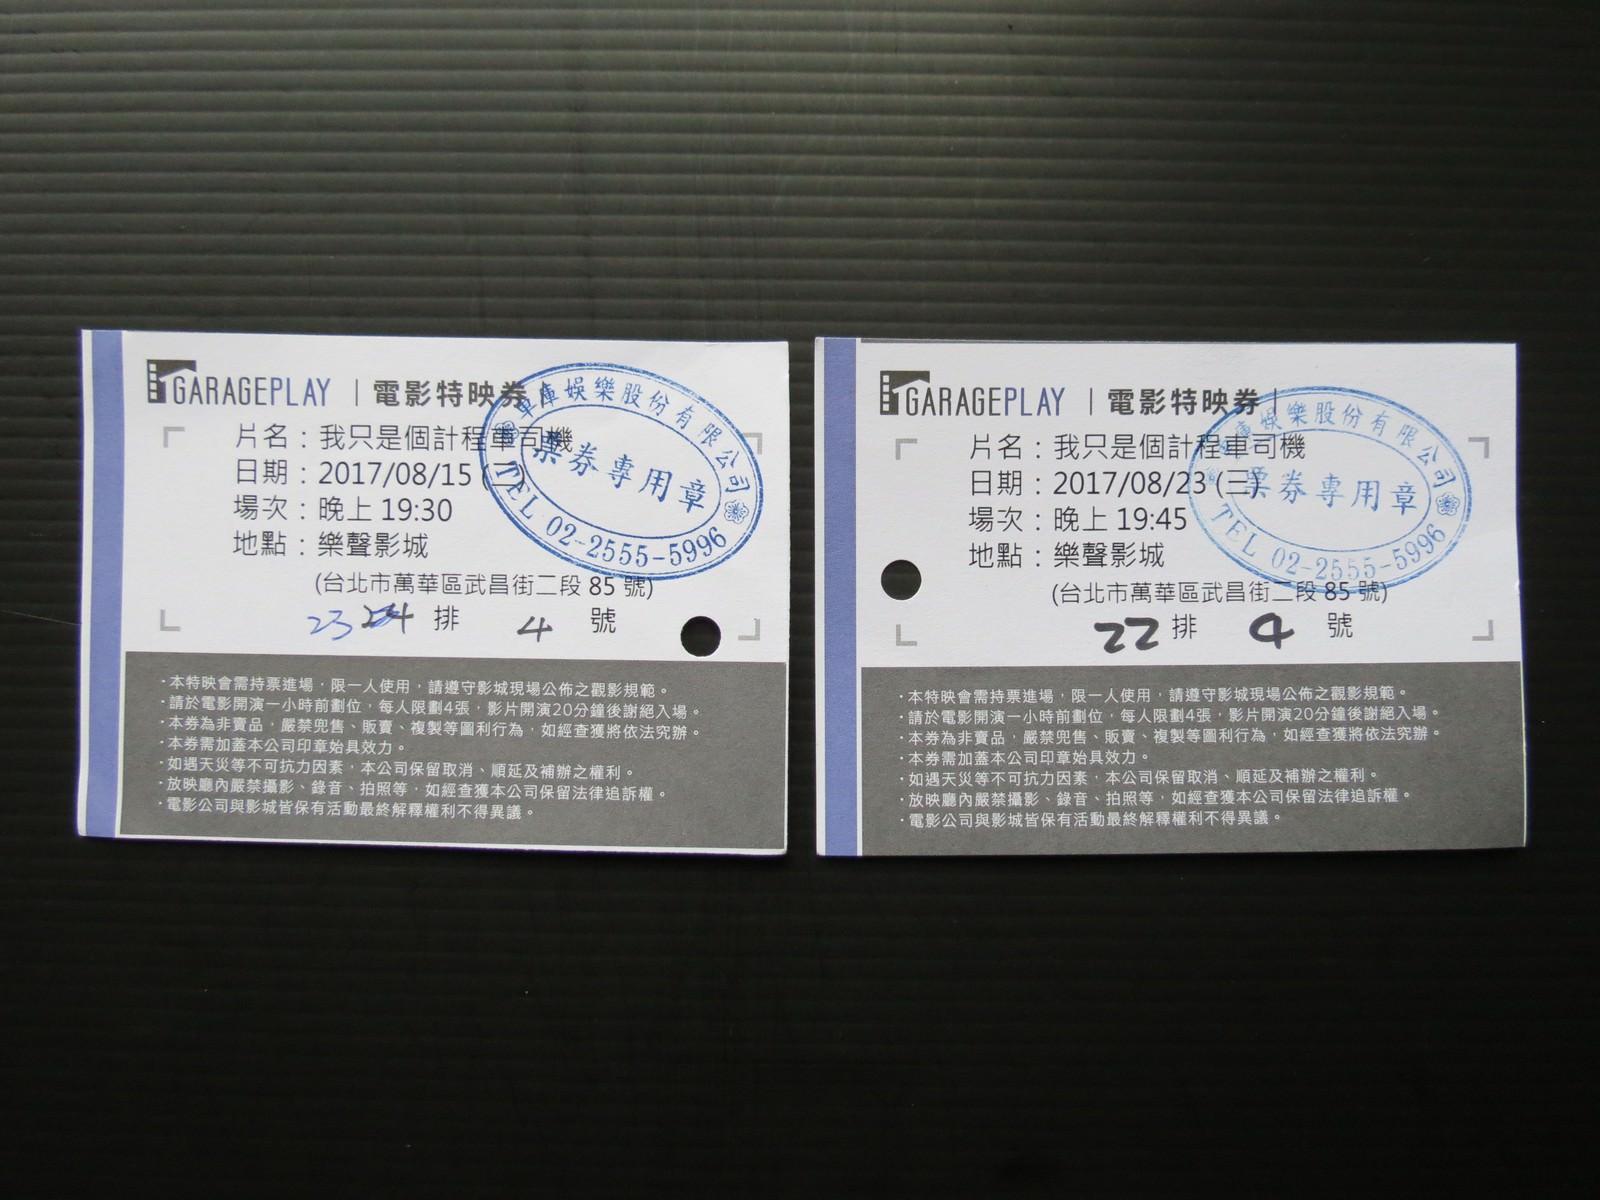 Movie, 택시 운전사(韓國, 2017年) / 我只是個計程車司機(台灣) / 逆權司機(香港) / 出租车司机(網路) / A Taxi Driver(英文), 電影票(特映會)